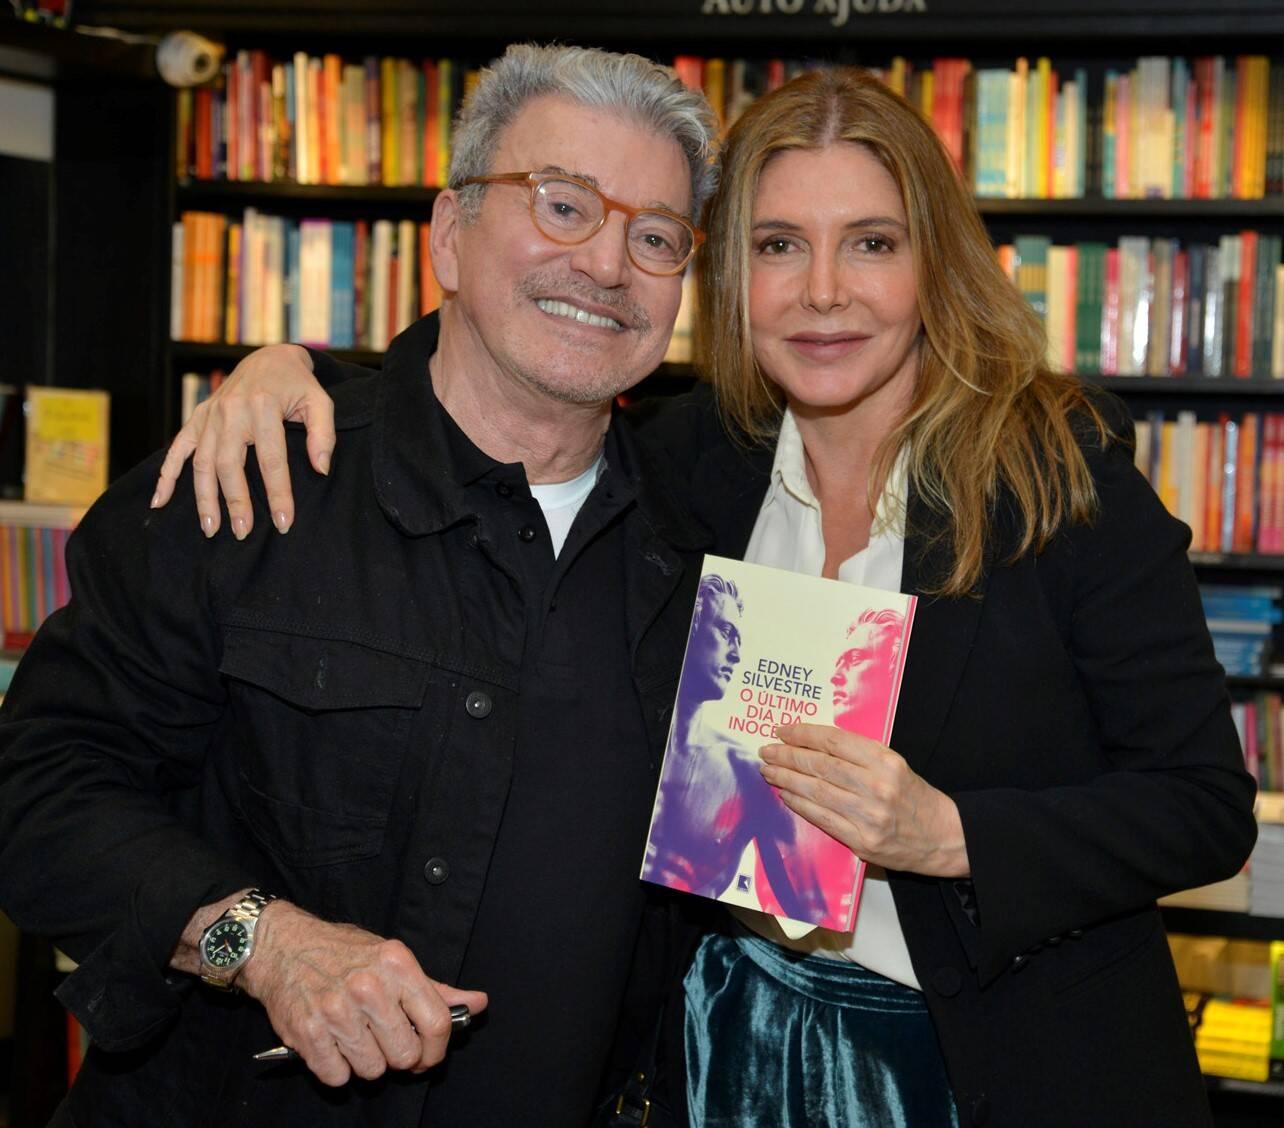 Edney Silvestre e Maria Padilha /Foto: J Egberto